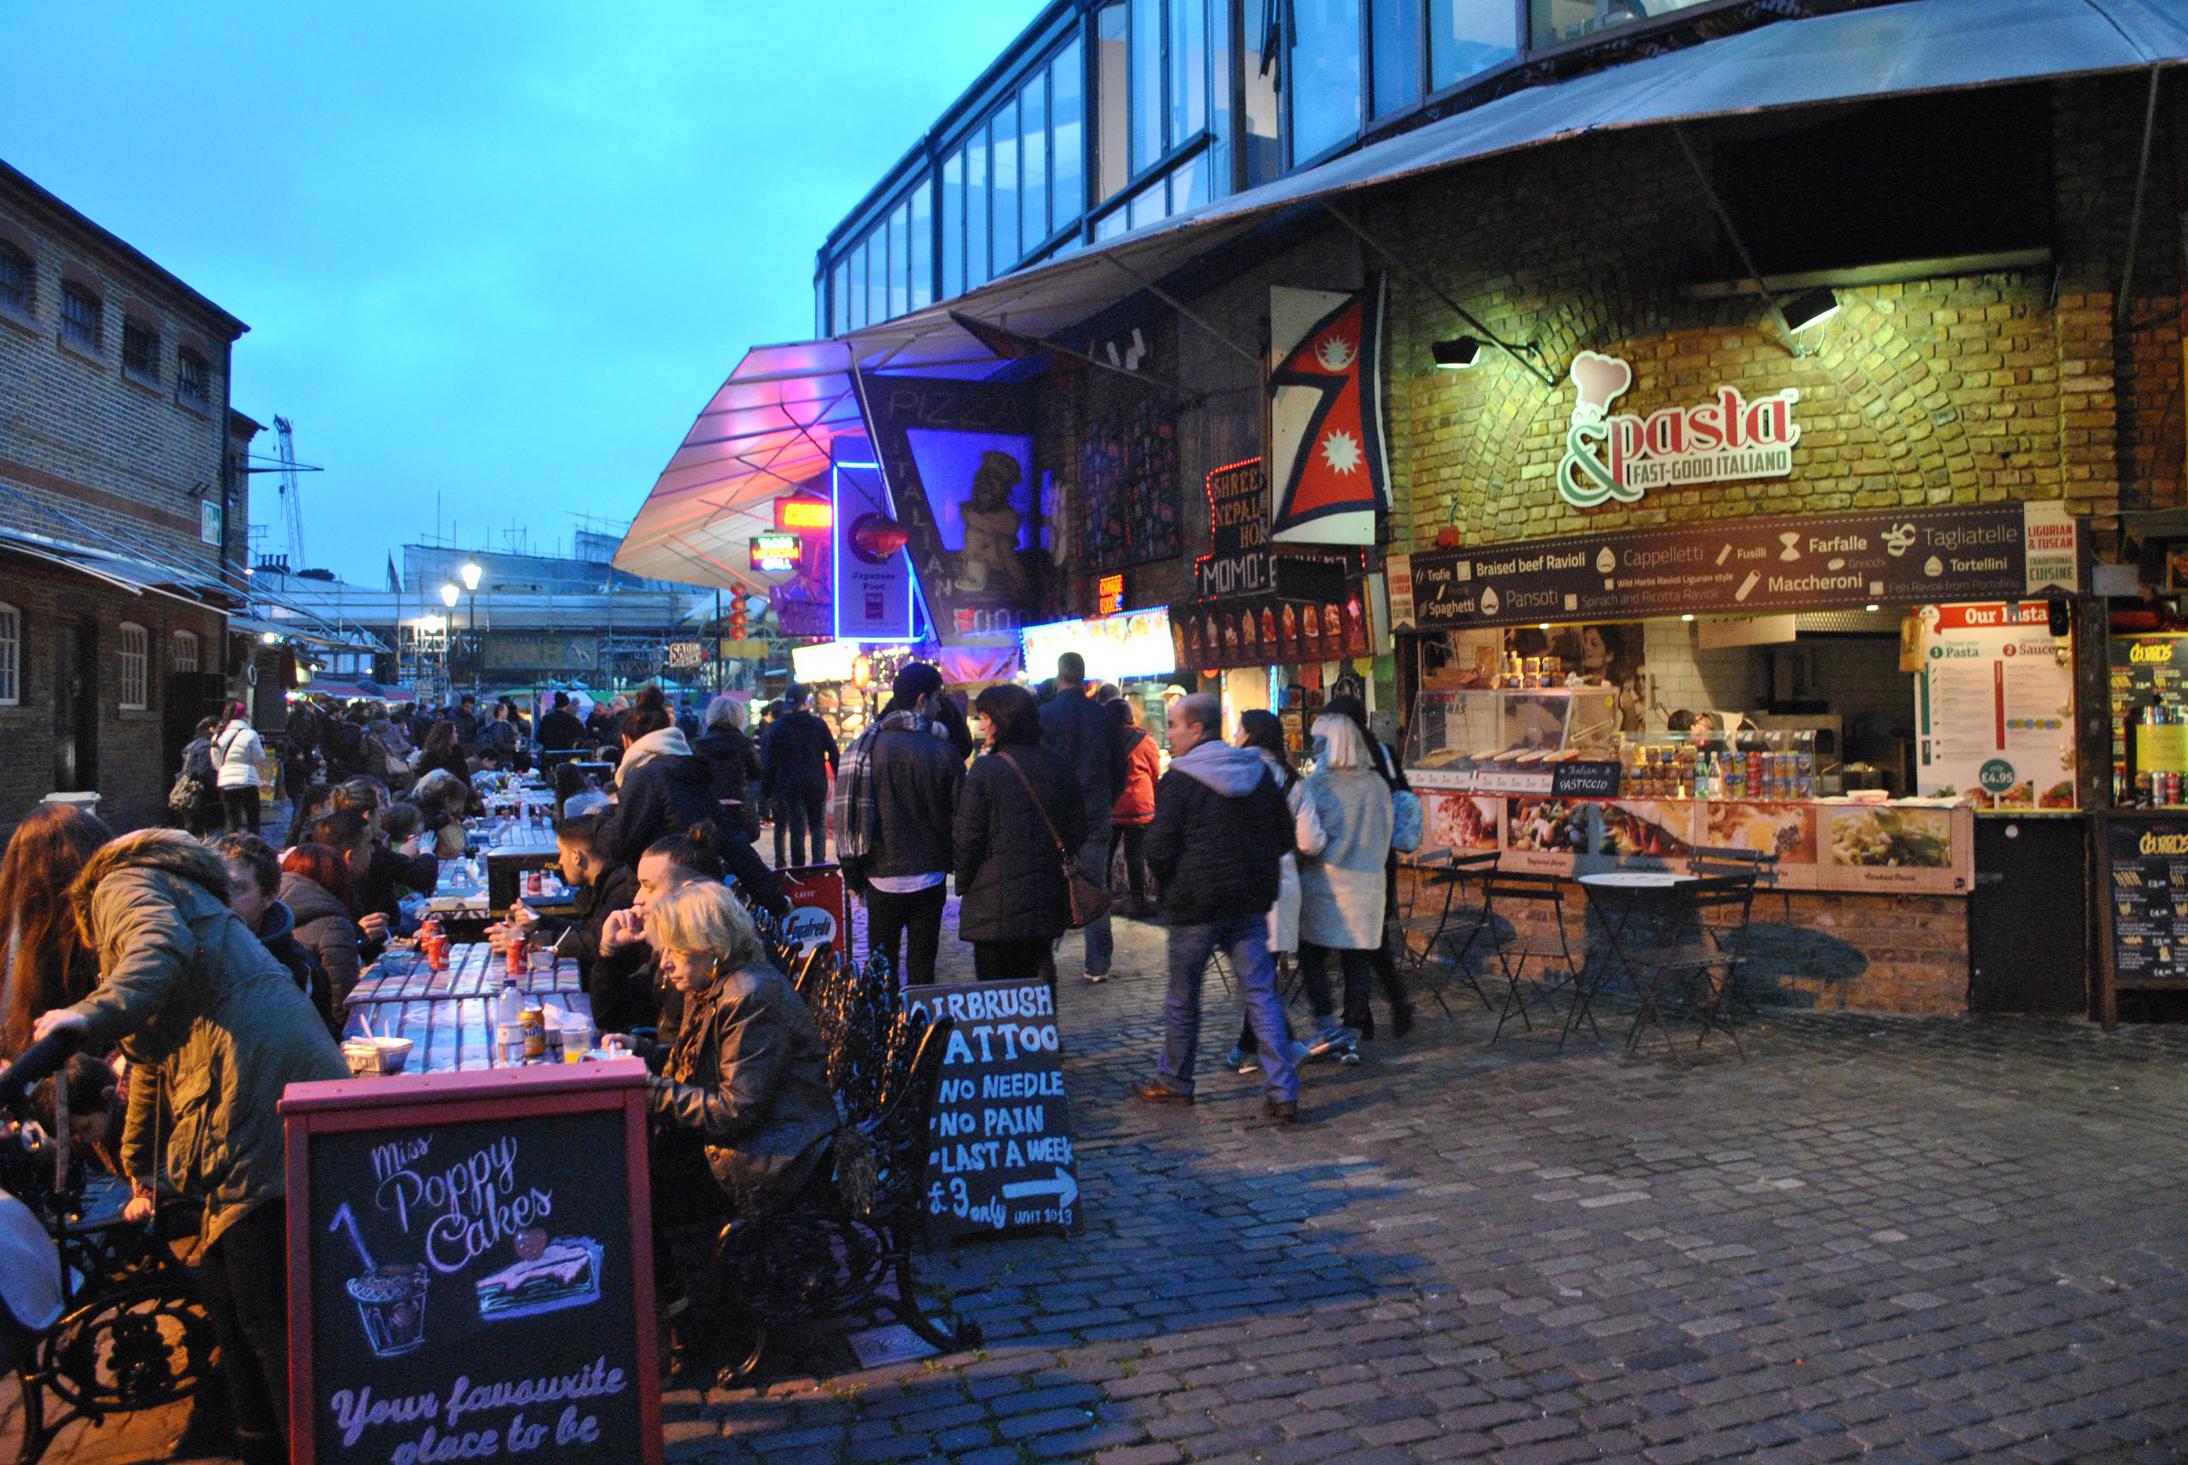 Marvelous markets pt 4 camden market london for The camden